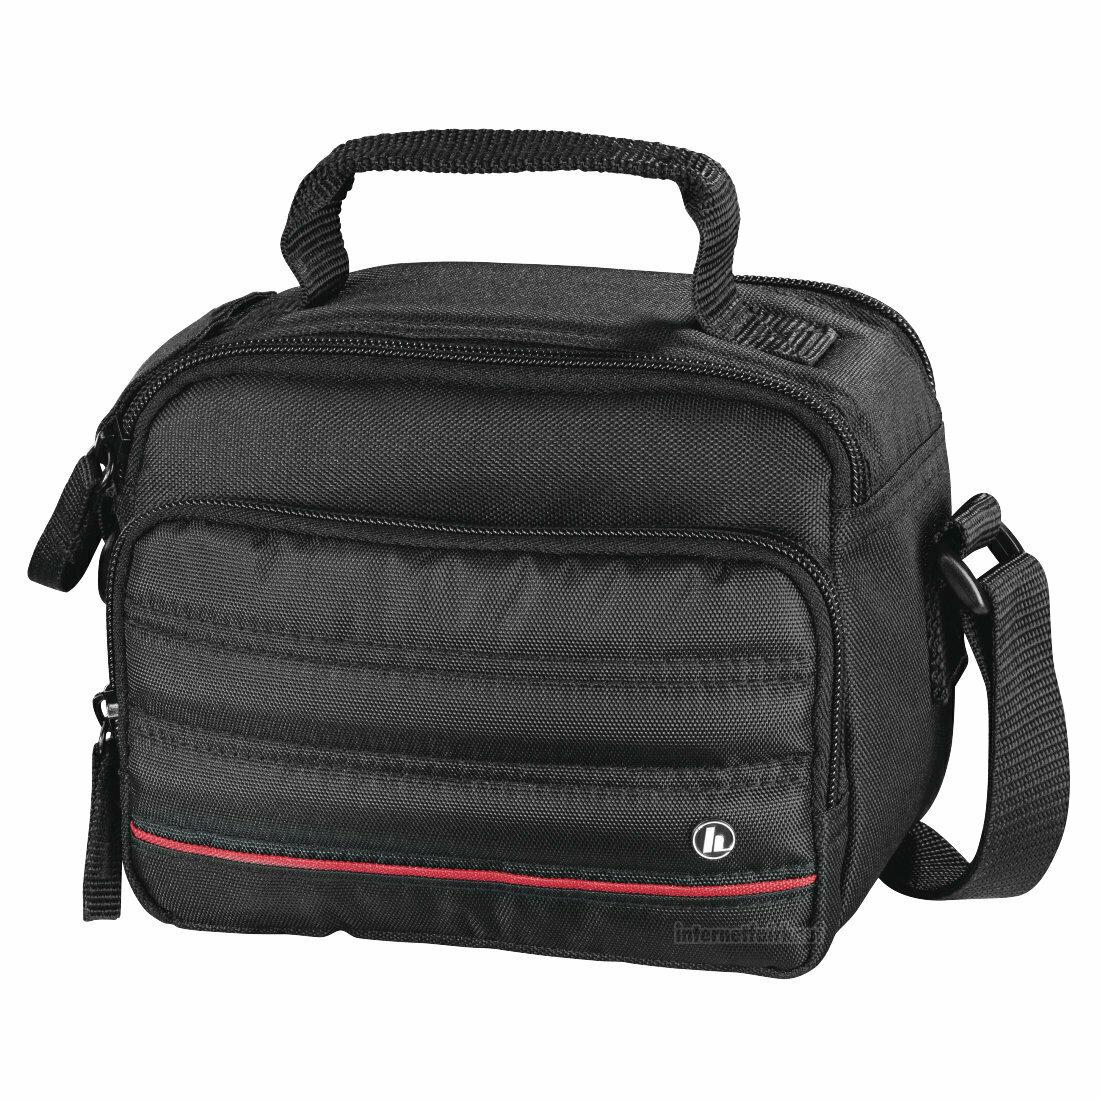 Tasche Fototasche passend für Fujifilm X-T100 und 15-45mm Objektiv